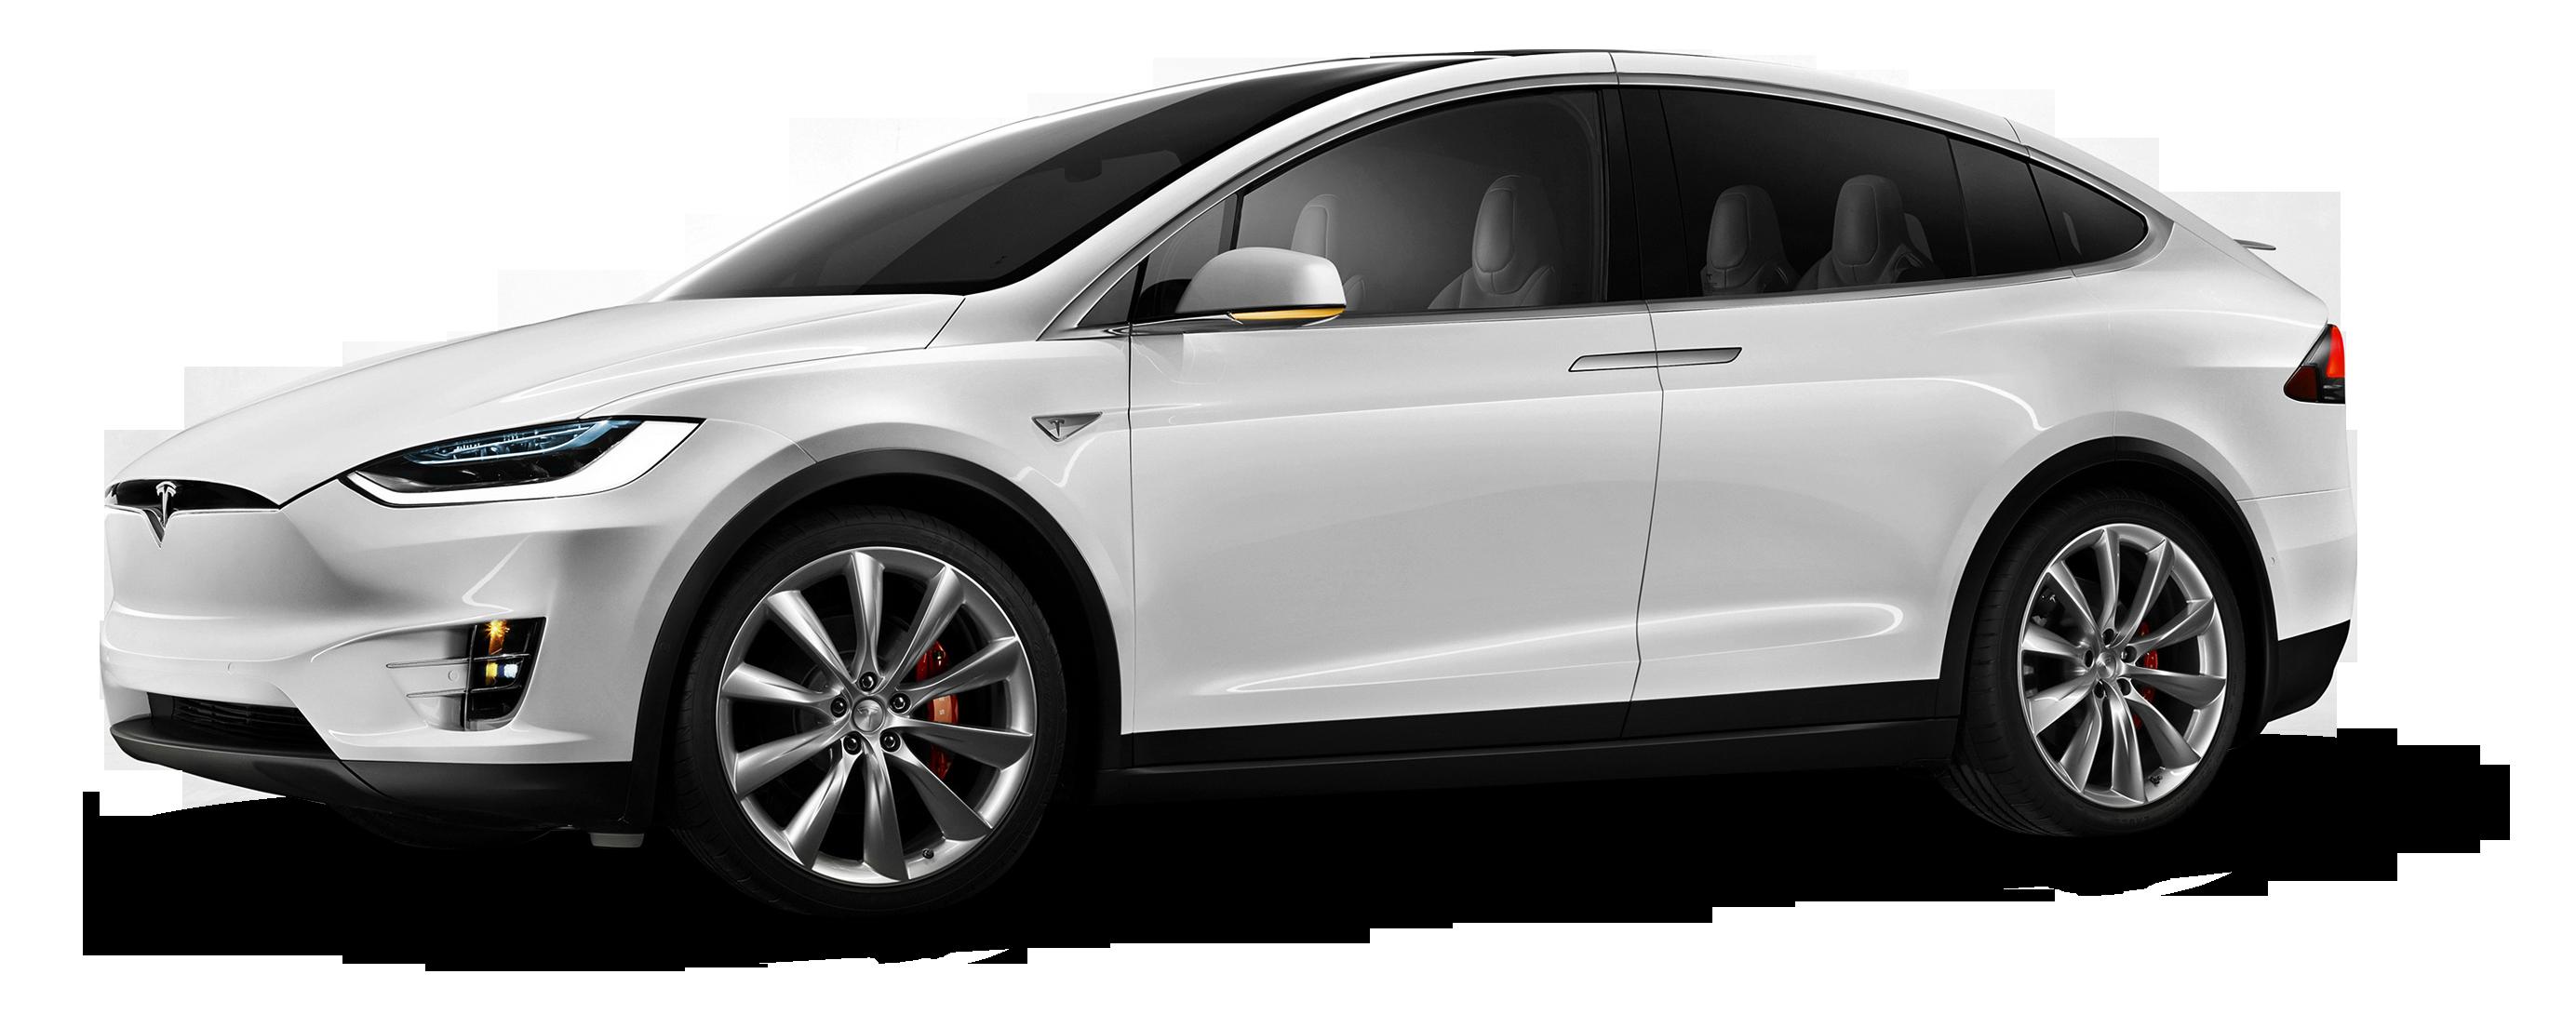 Tesla Model X White Car